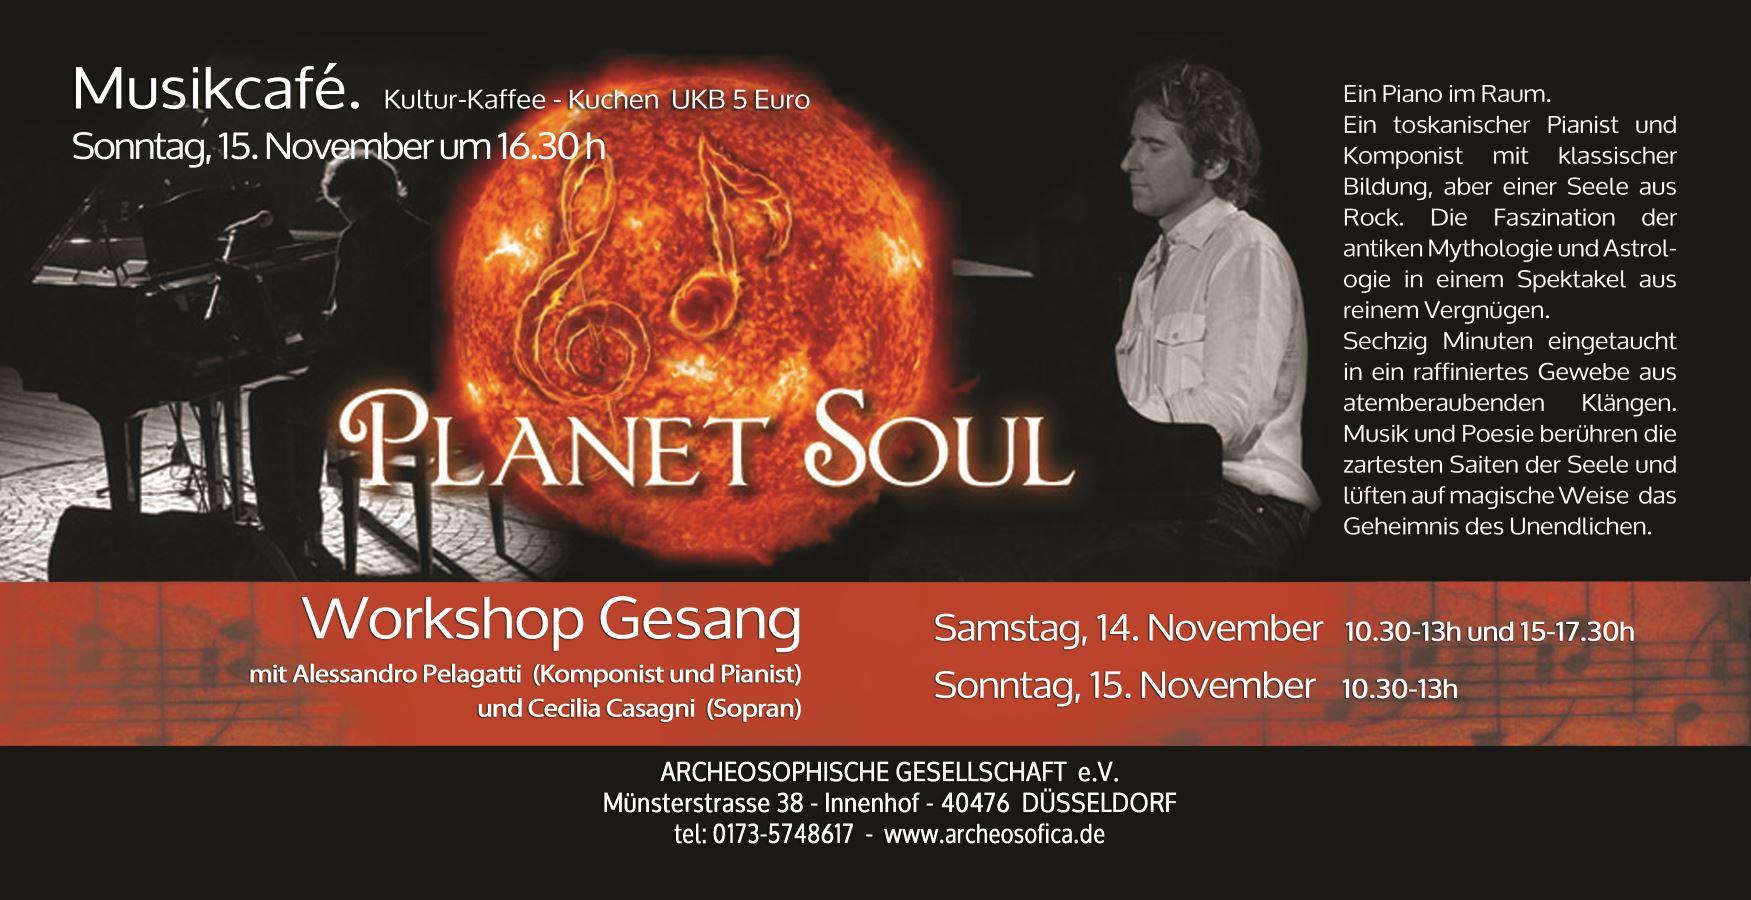 Musikcafé Planet Soul